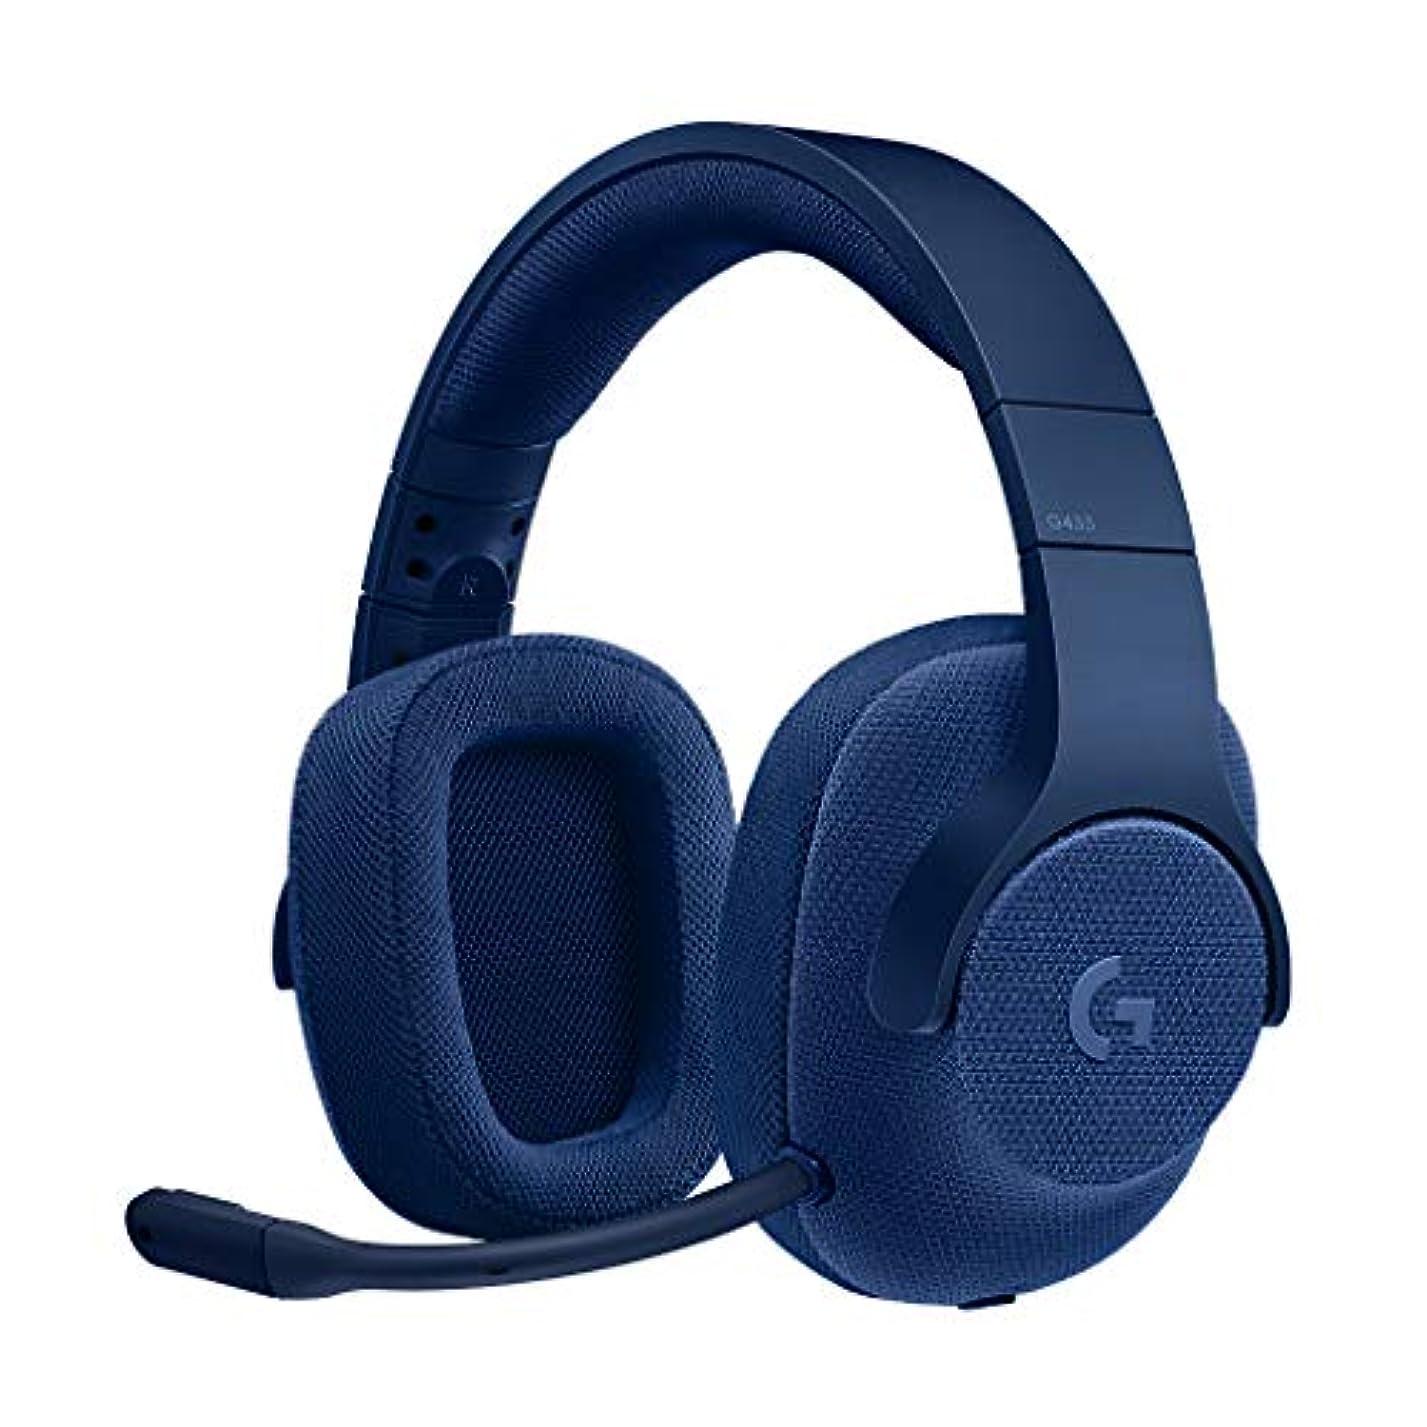 セットアップニュースかもしれないLogicool G ゲーミングヘッドセット G433BL ブルー Dolby 7.1ch ノイズキャンセリング マイク 付き PC PS4 Switch 3.5mm usb 軽量 G433 国内正規品 2年間メーカー保証